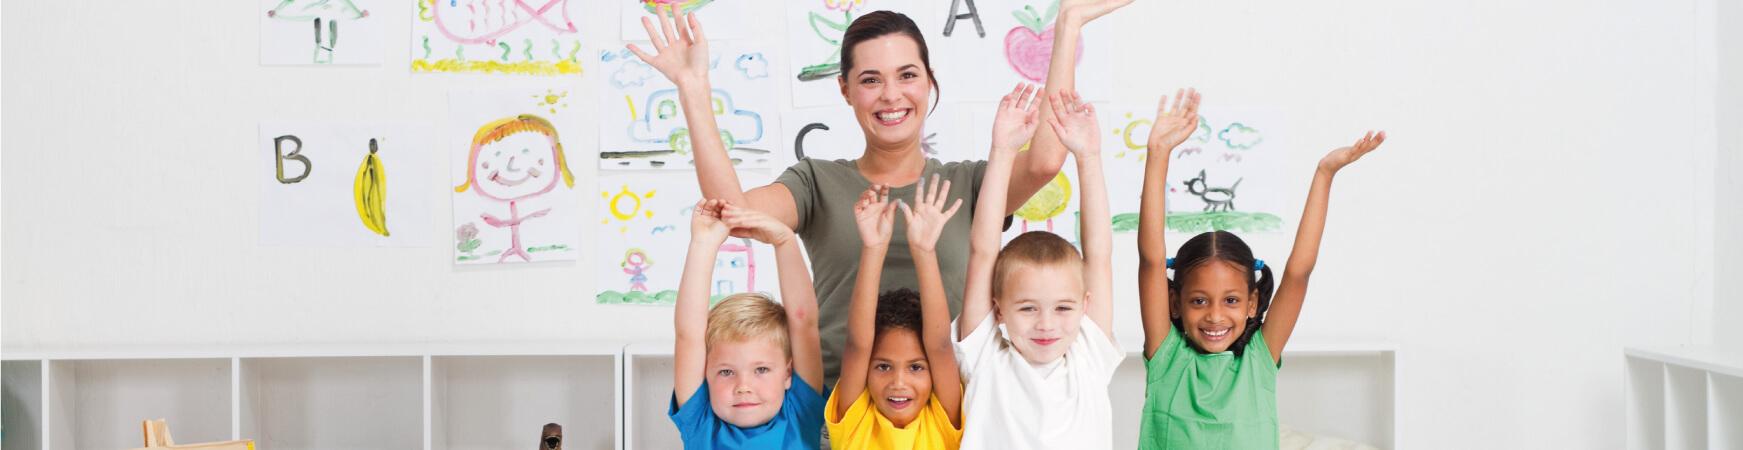 educacao-especial-inclusiva